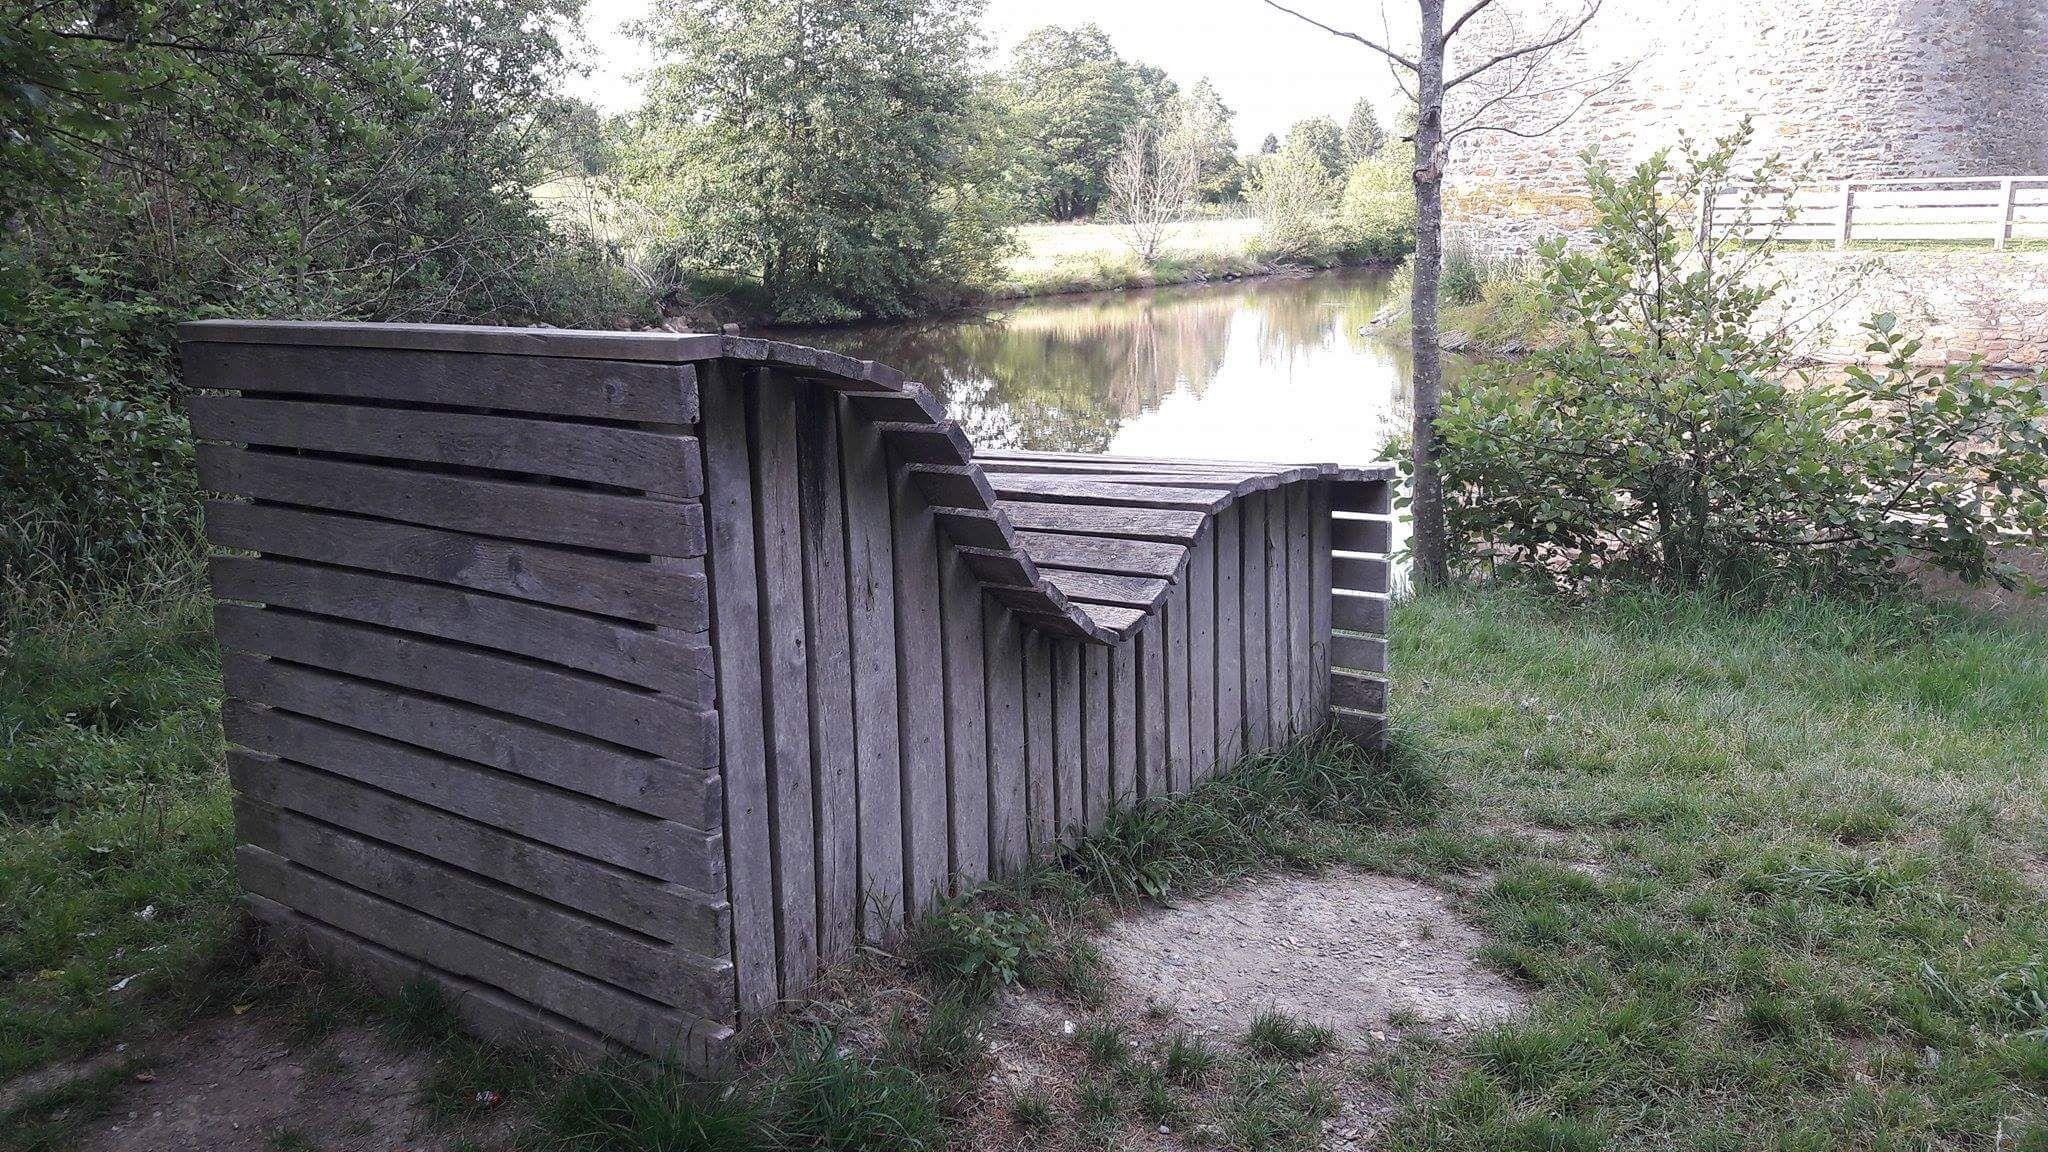 Gartenbank Aus Holz Als Liegebank An Der Burgruine Baldenau Hunsruck Gartenbank Holz Garten Feuerstelle Garten